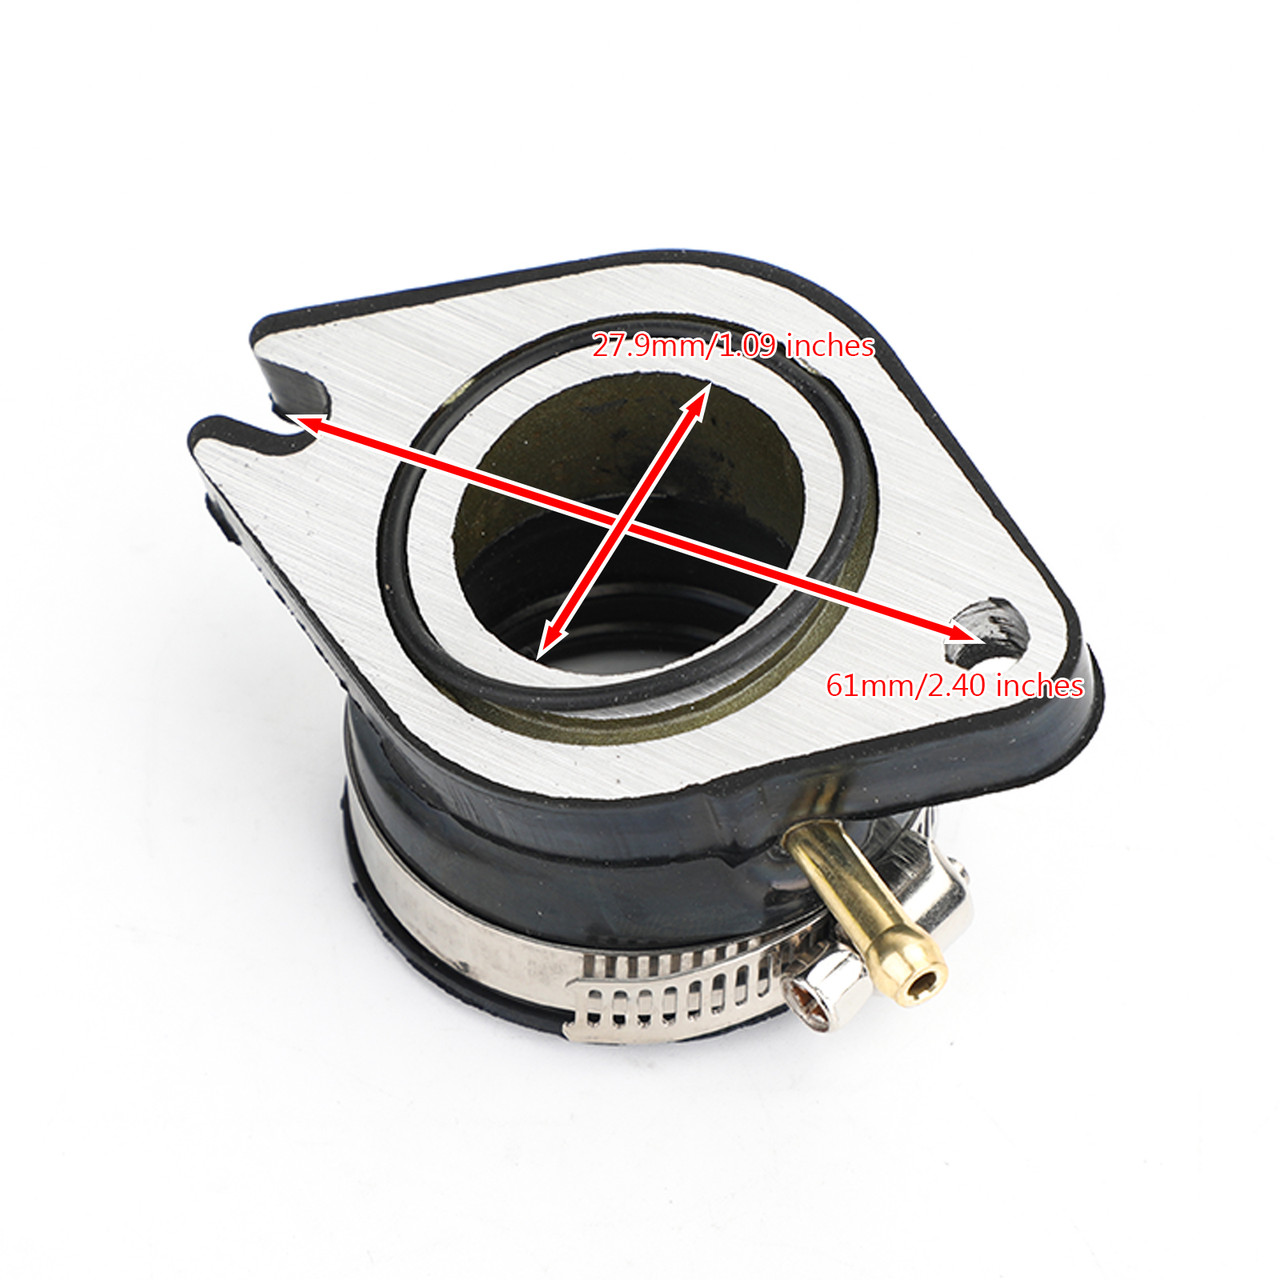 Carburetor Intake Manifold Boot Flange for Yamaha TTR230 2005-2015 1C6-E3586-00